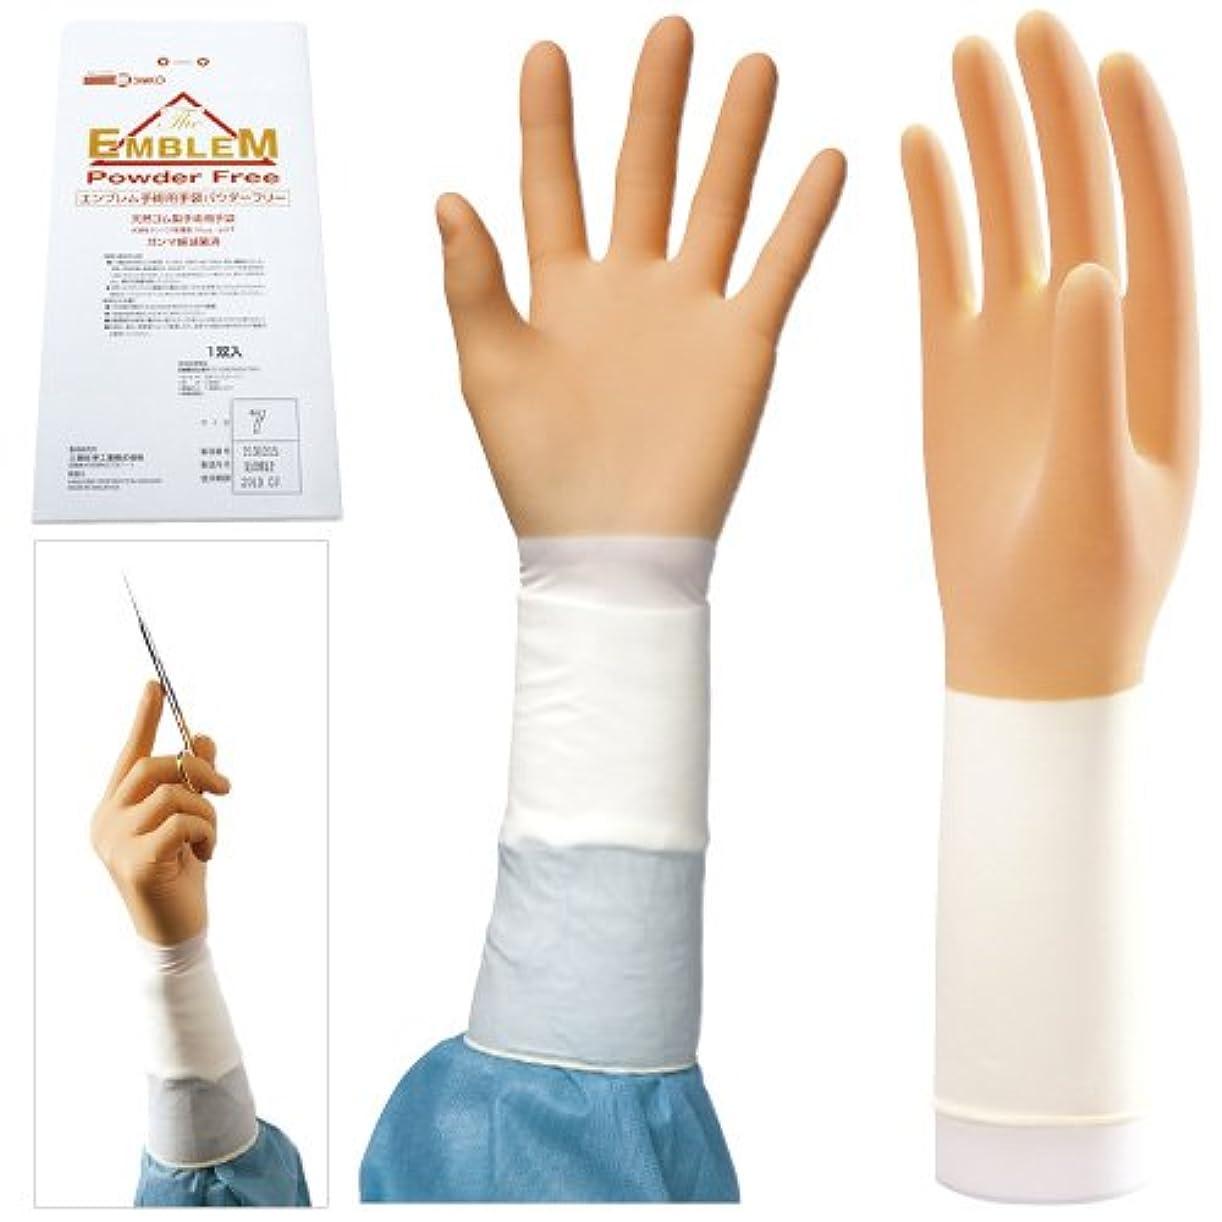 省略本体靴下エンブレム手術用手袋 パウダーフリー NEW(20双入) 5.5